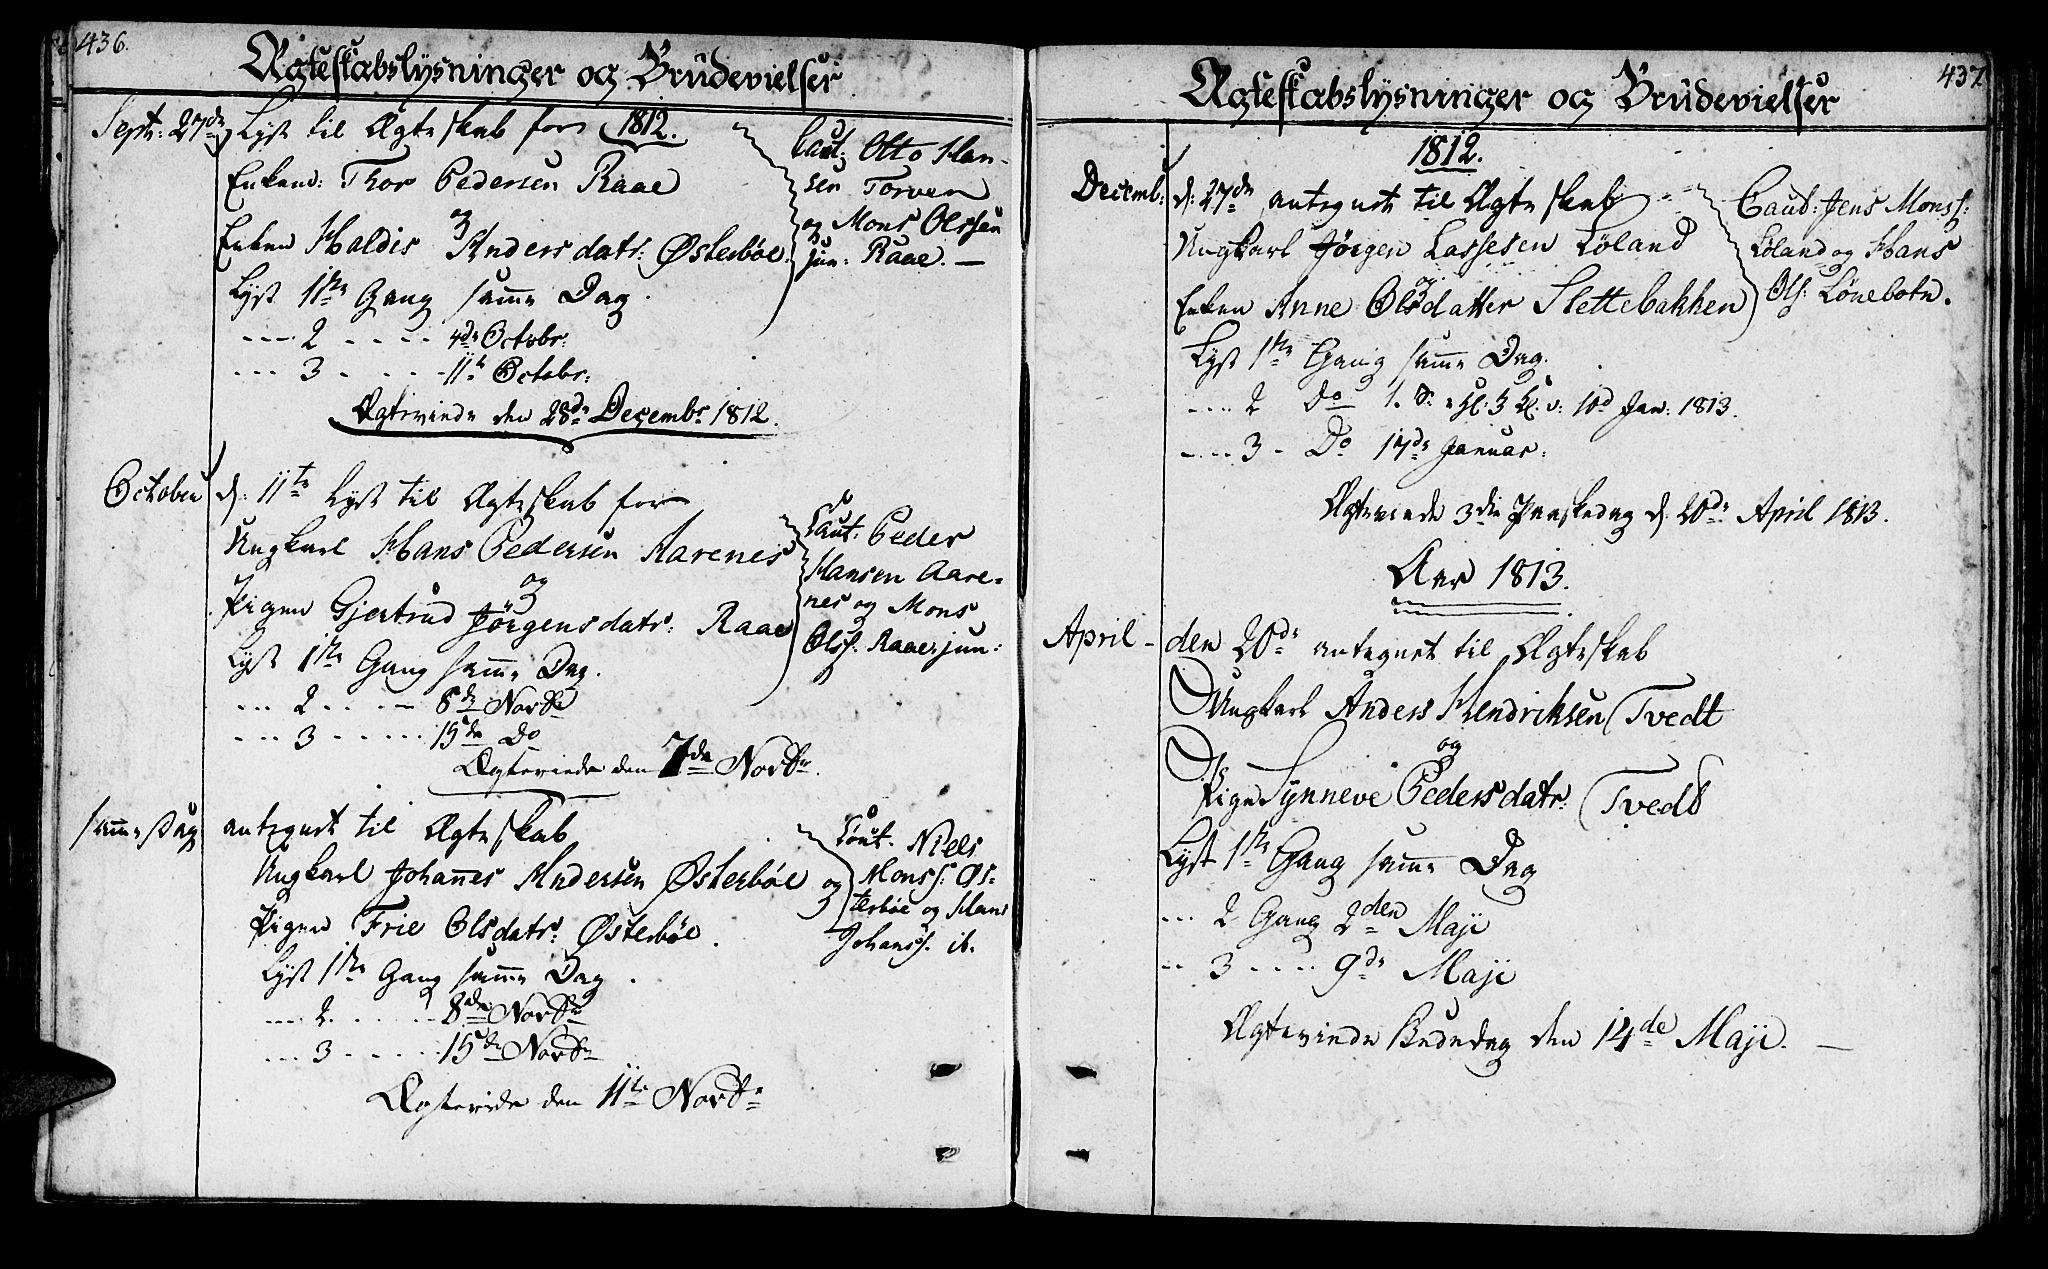 SAB, Lavik sokneprestembete, Ministerialbok nr. A 1, 1809-1822, s. 436-437